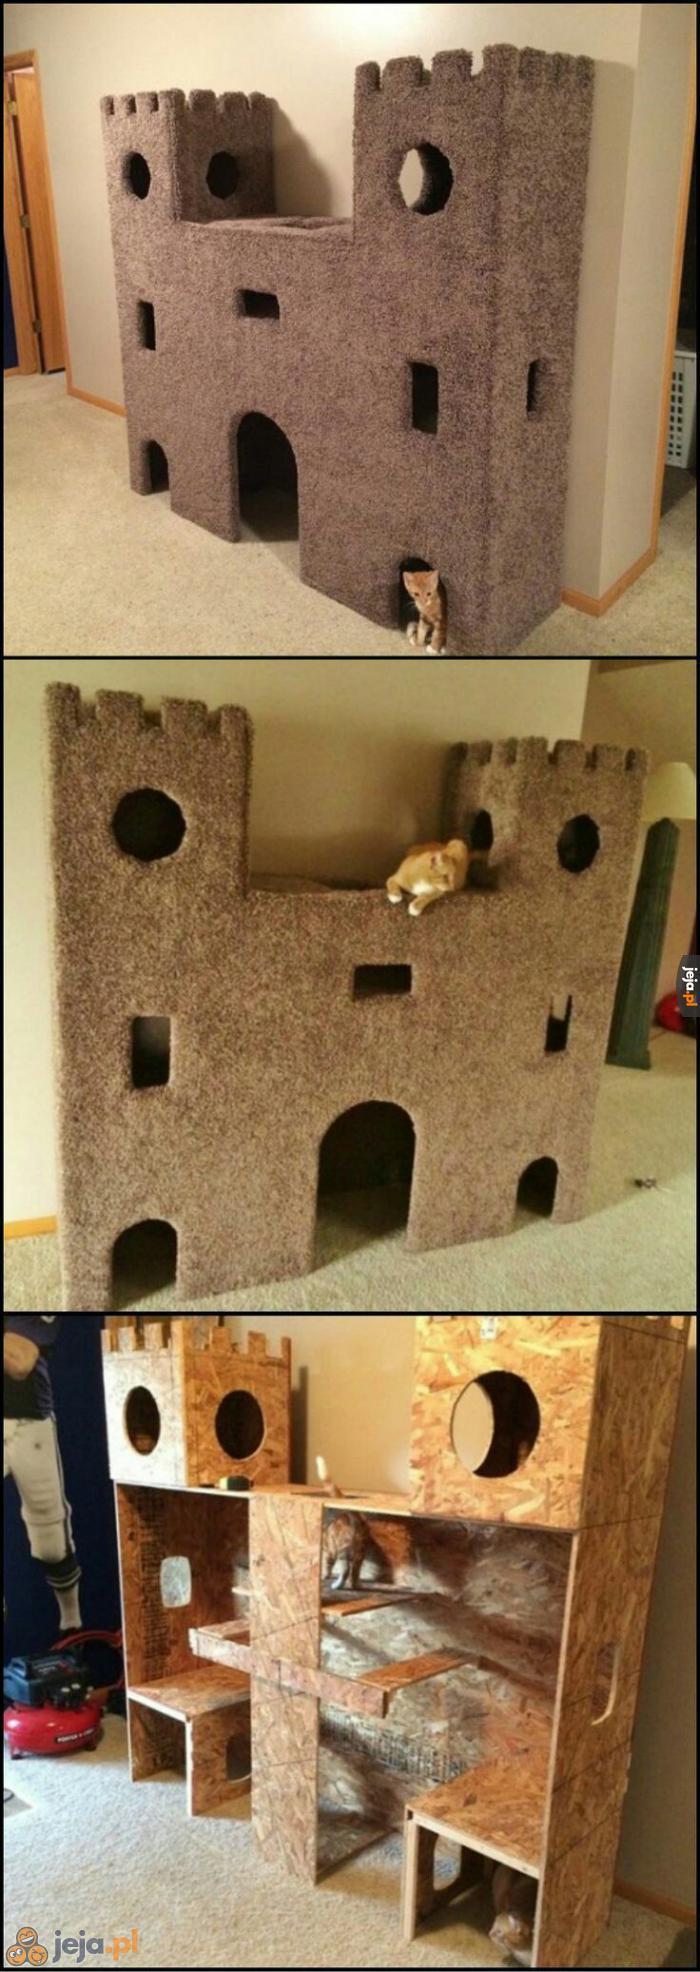 Koci zamek